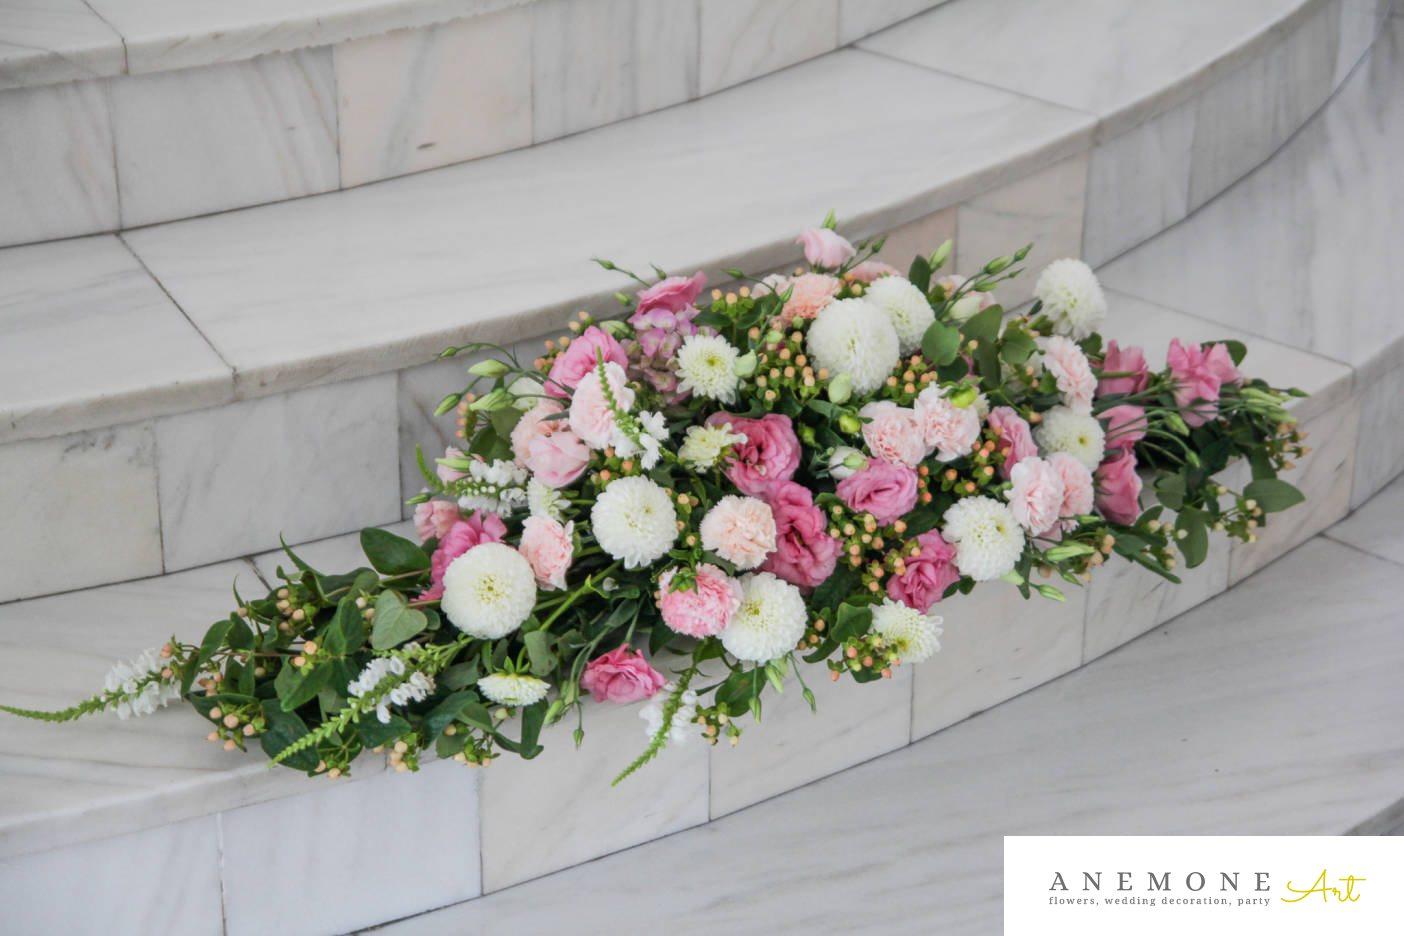 Poza, foto cu Flori de nunta decor biserica, lisianthus in Arad, Timisoara, Oradea (wedding flowers, bouquets) nunta Arad, Timisoara, Oradea